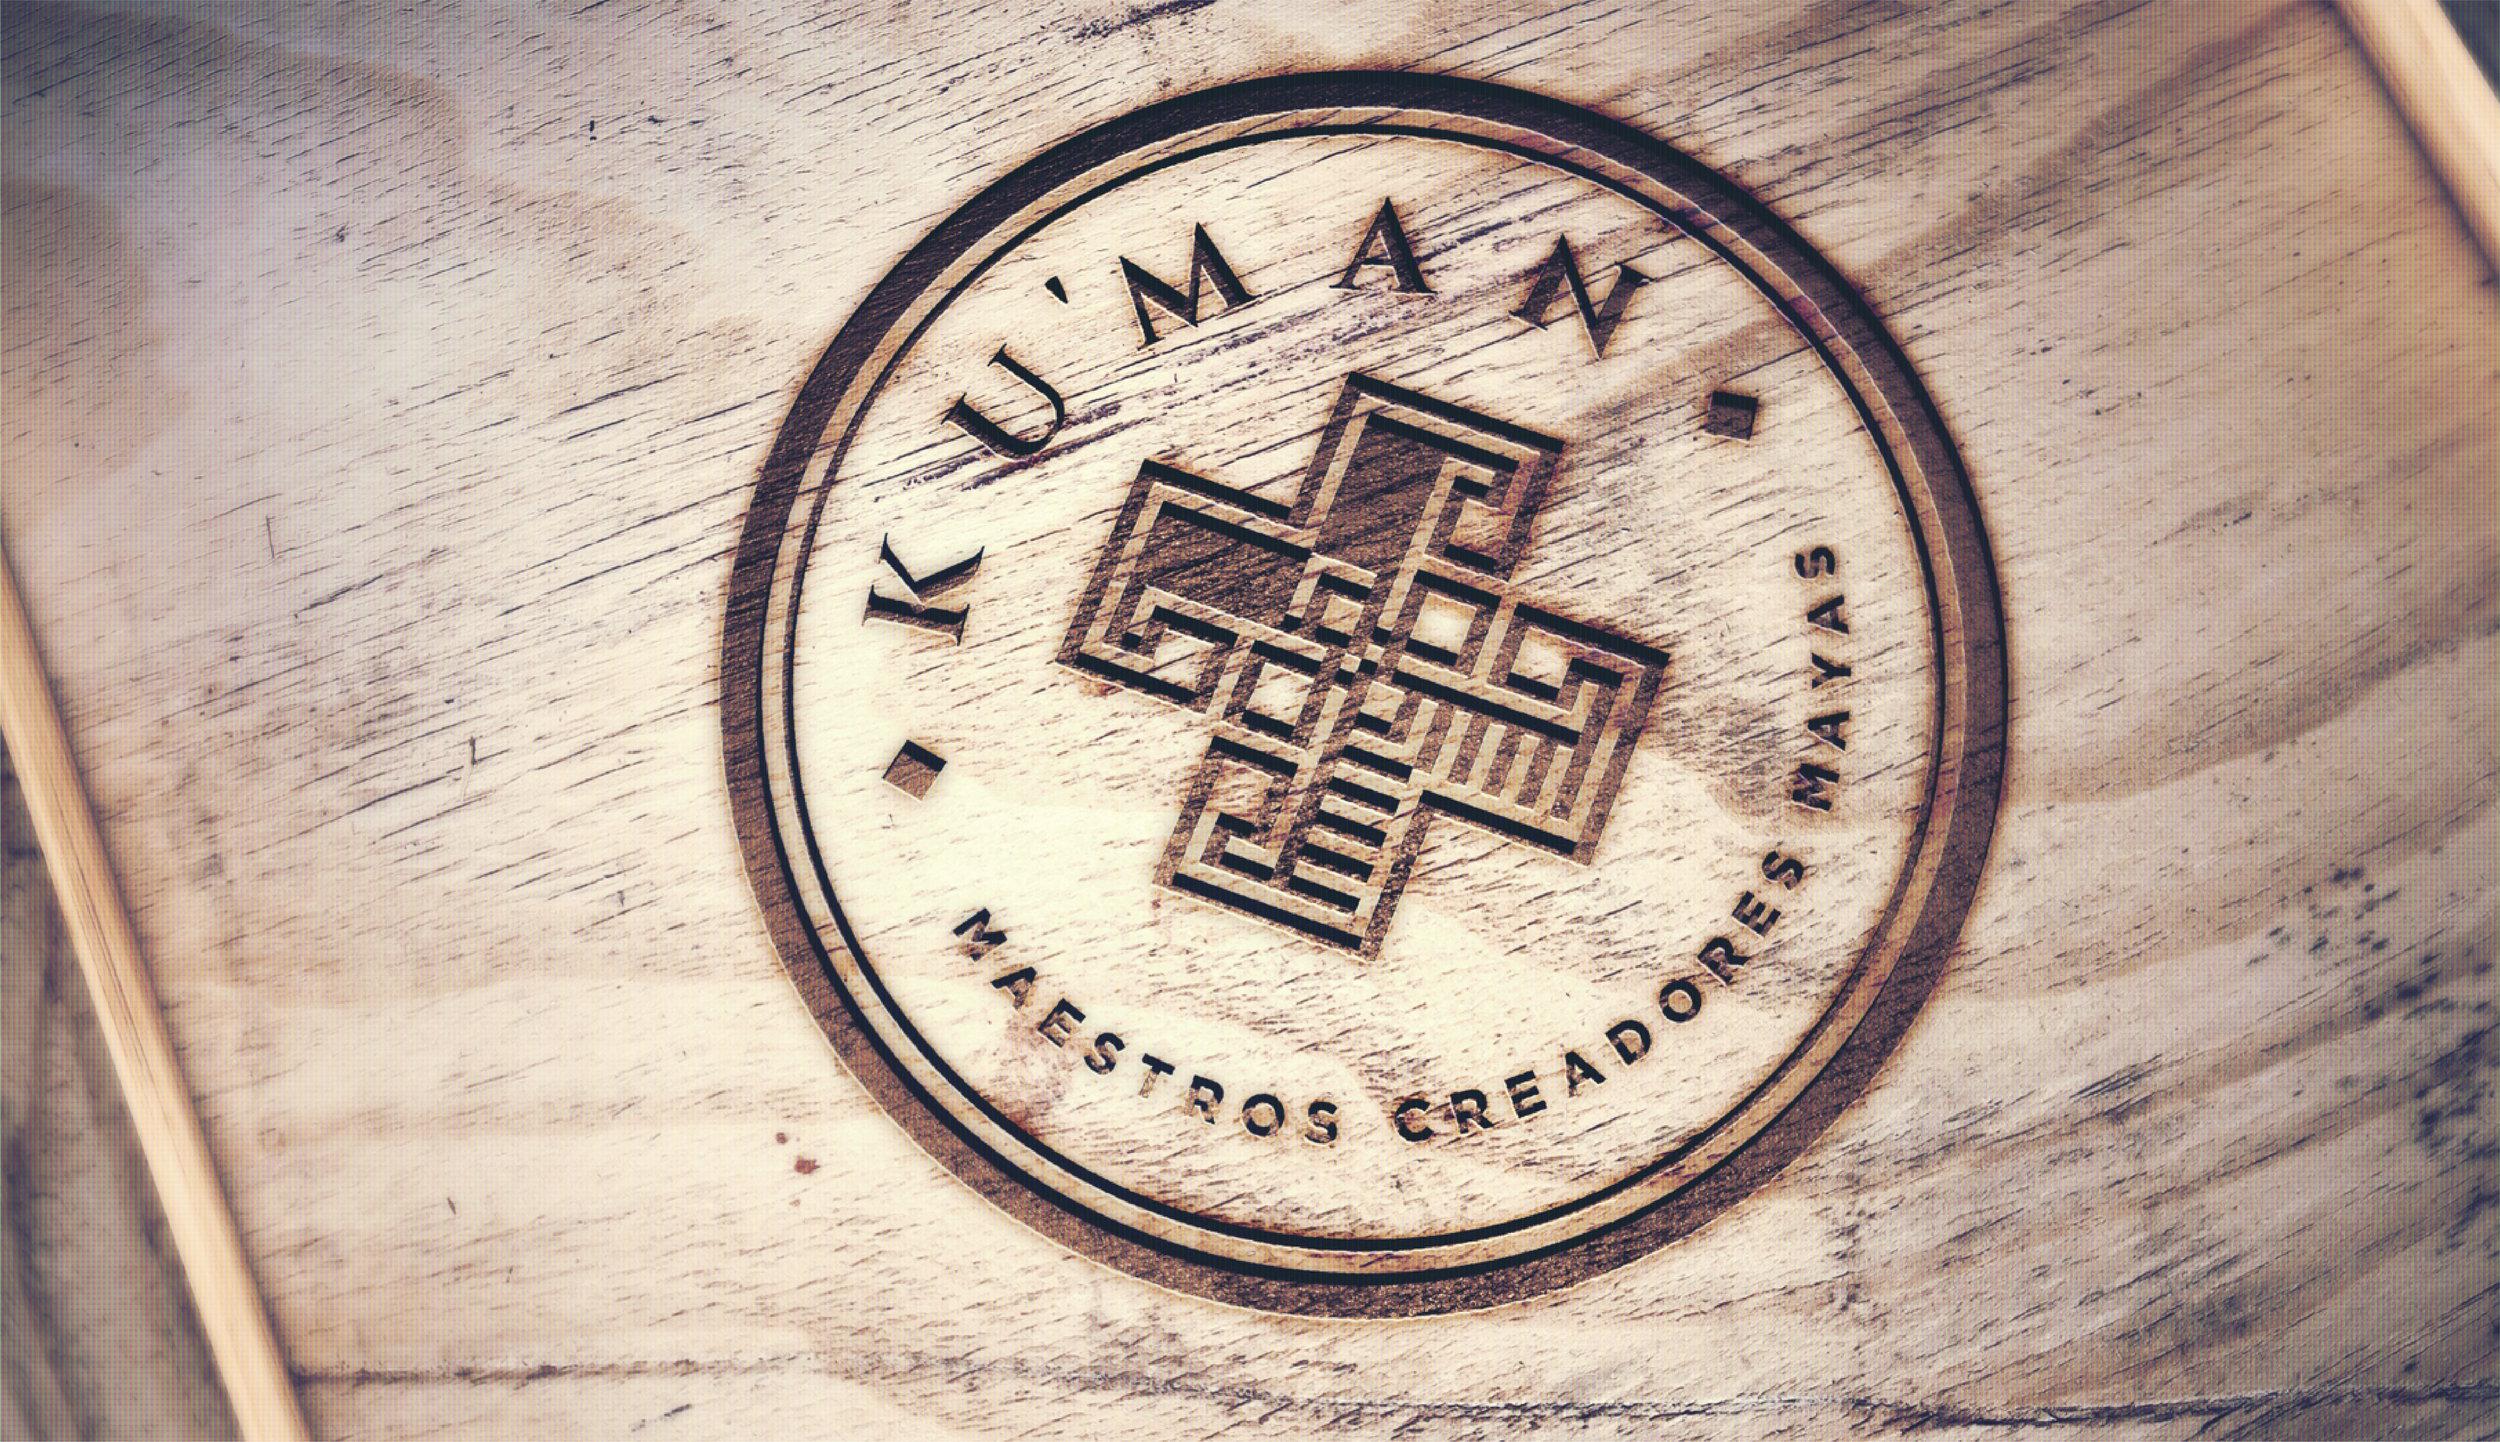 kumanfinal-11.jpg